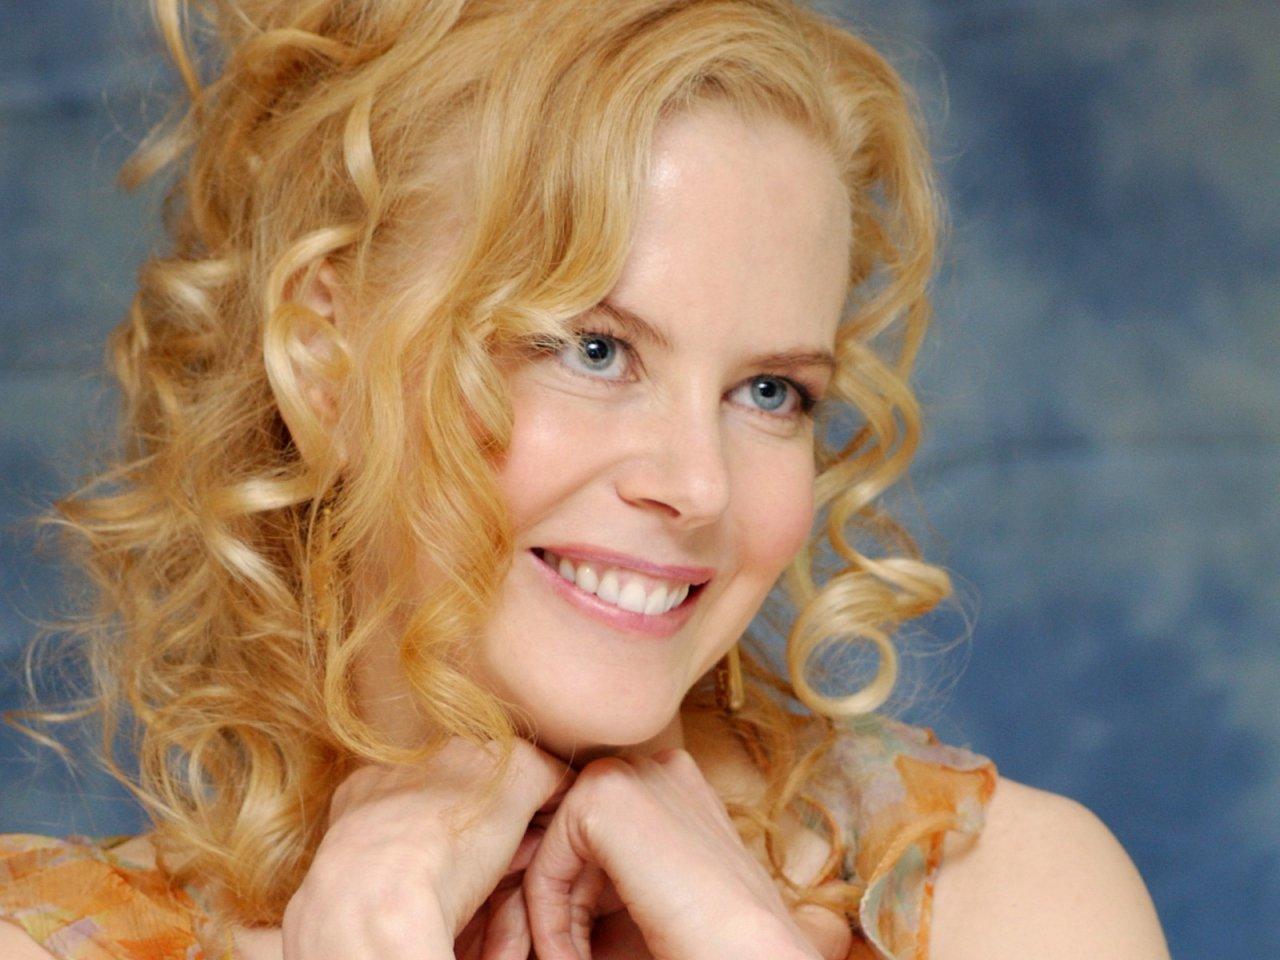 Николь Кидман (Nicole Kidman) - Обои для рабочего стола джессика бил